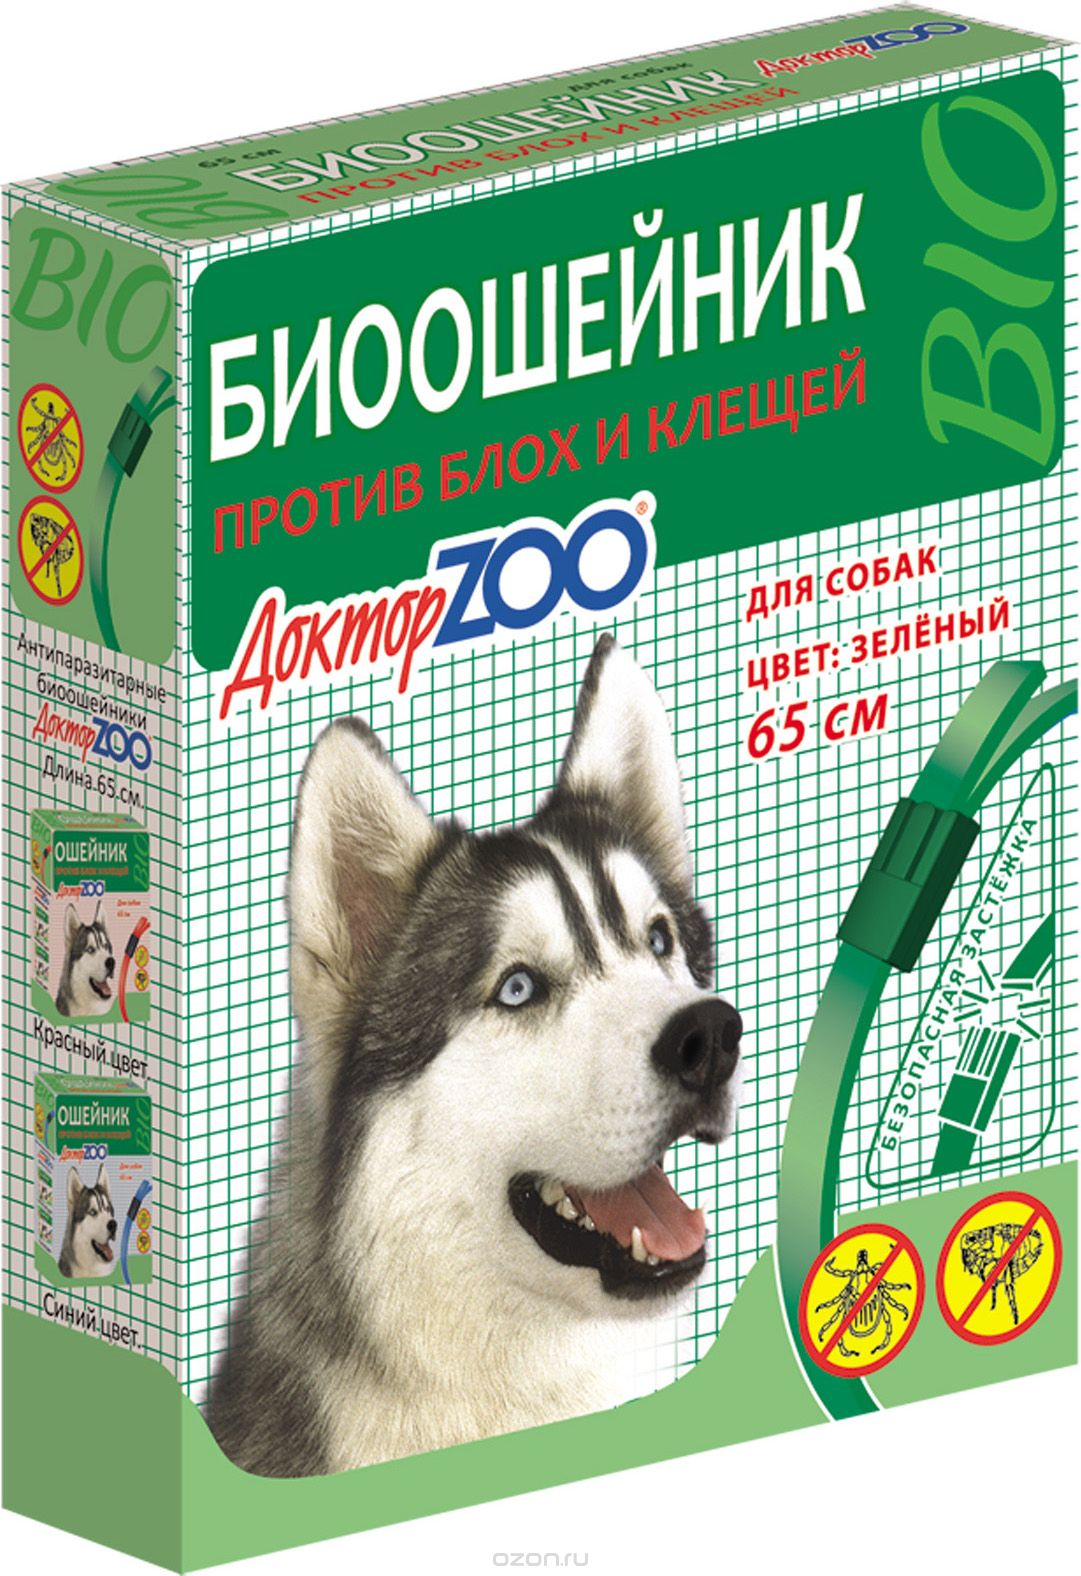 Ошейник от блох и клещей для собак: виды, отзывы